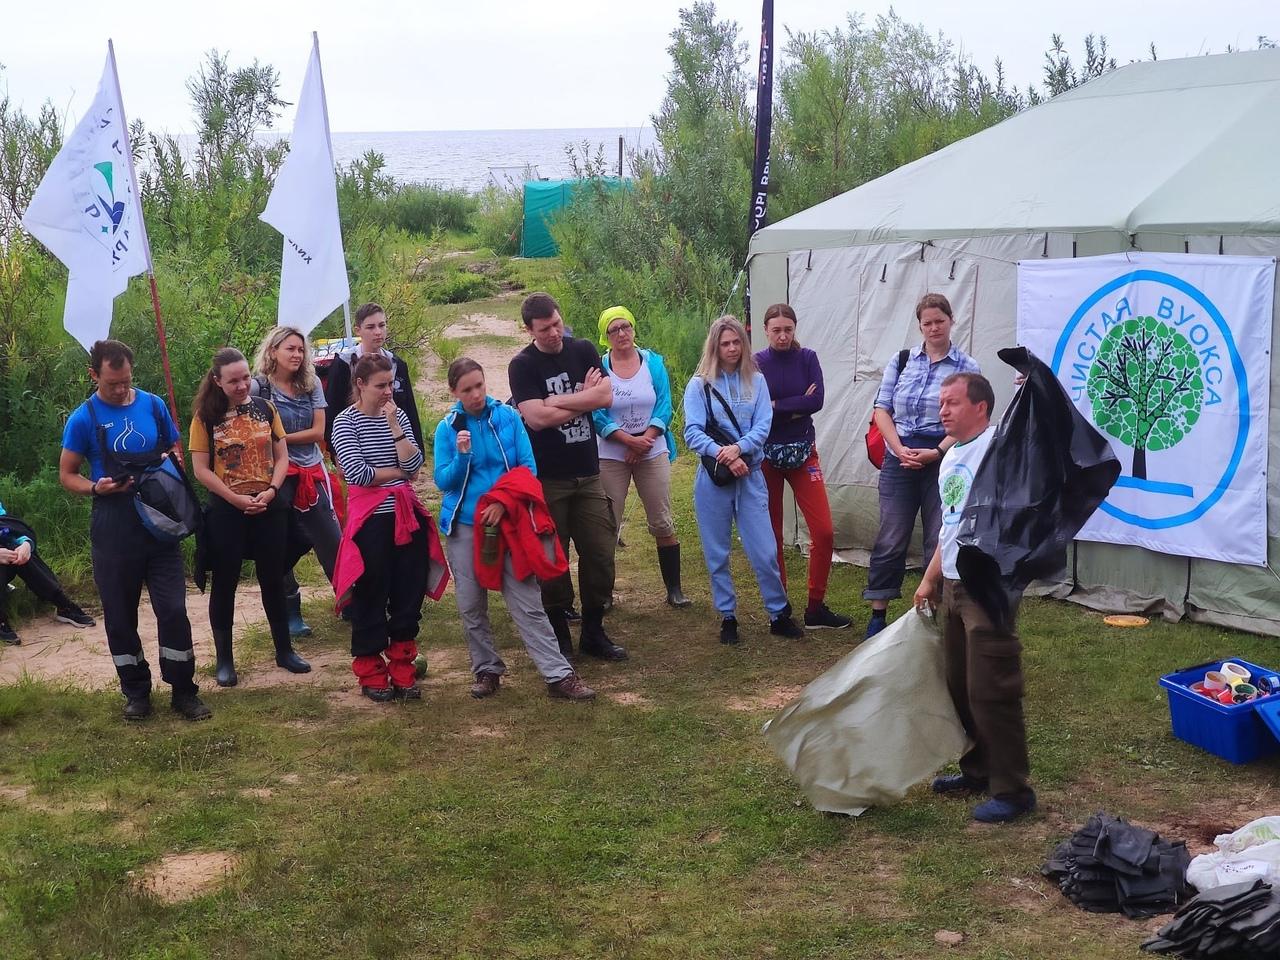 Участники и организаторы проекта «Чистая Воукса». Фотография, https://vk.com/4istaya_vuoksa.